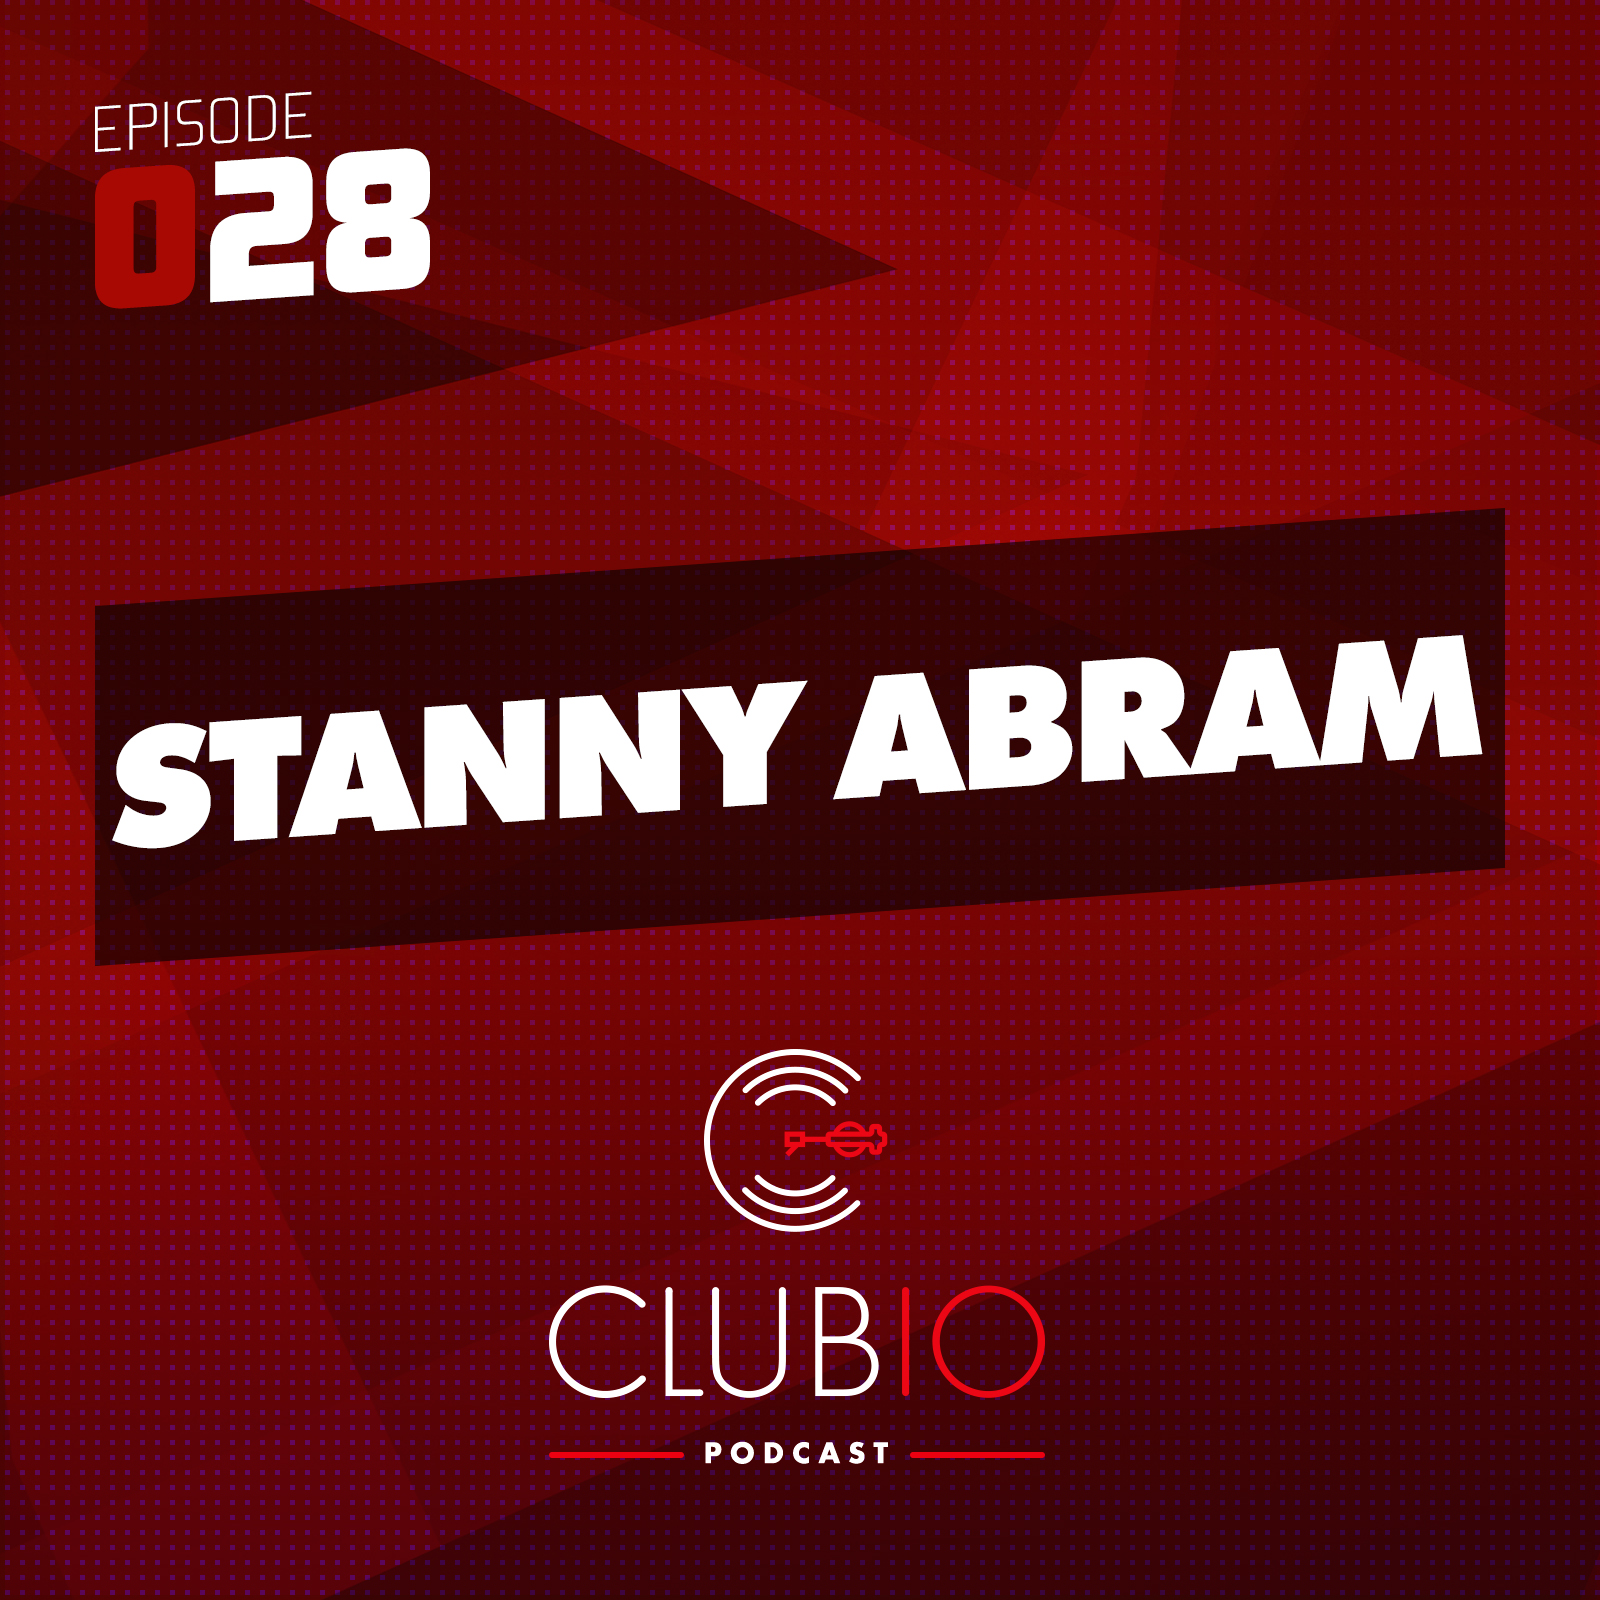 Clubio Podcast 028 - Stanny Abram